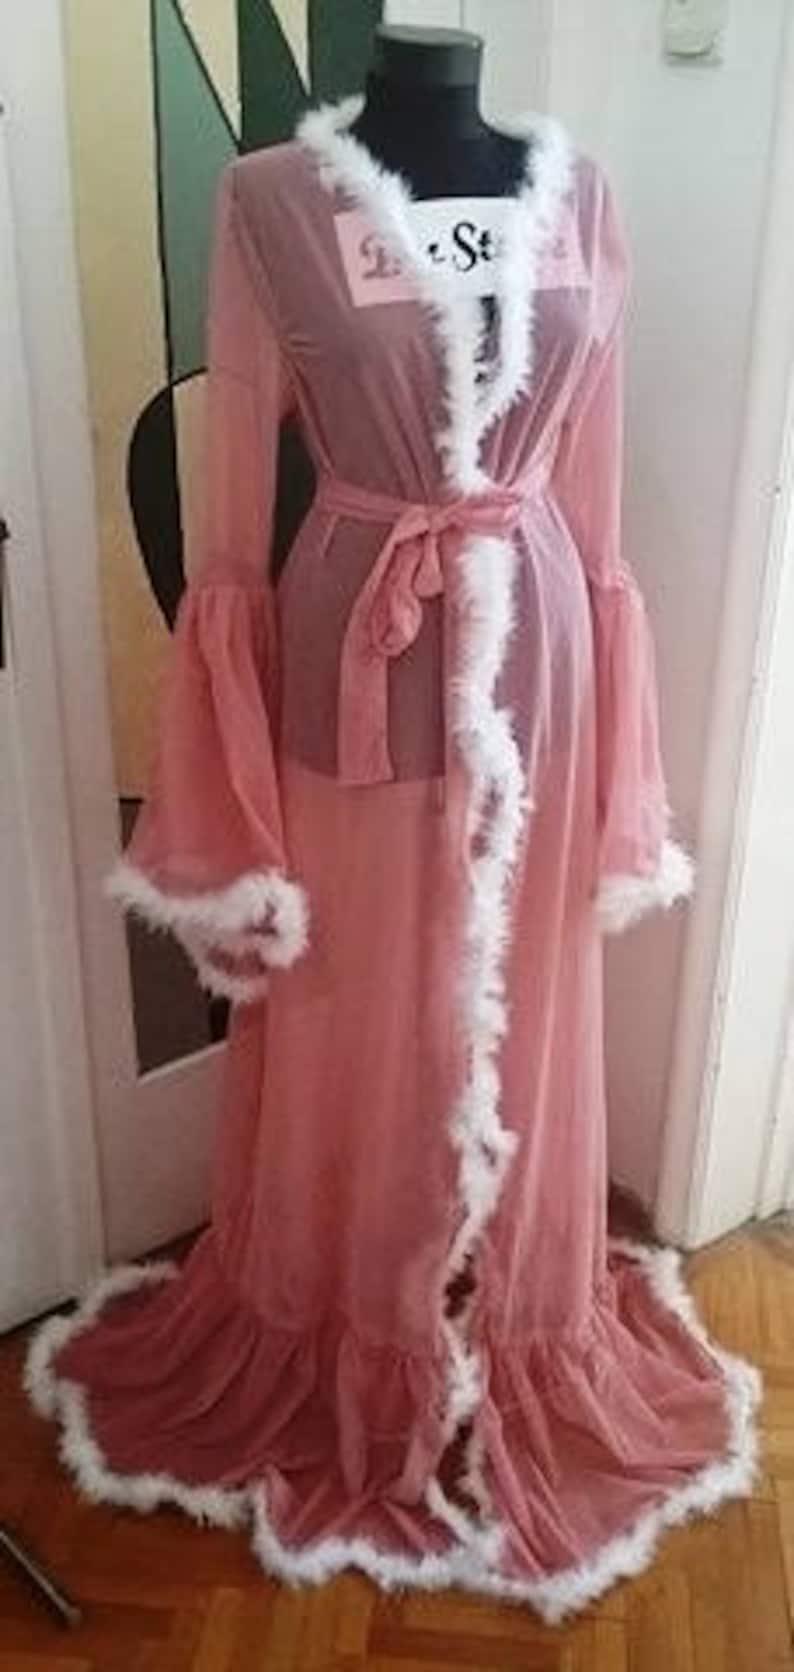 7cd66bfed1995c Rosa und weißen Bademantel Sexy Dessous Marabu Feder Robe | Etsy